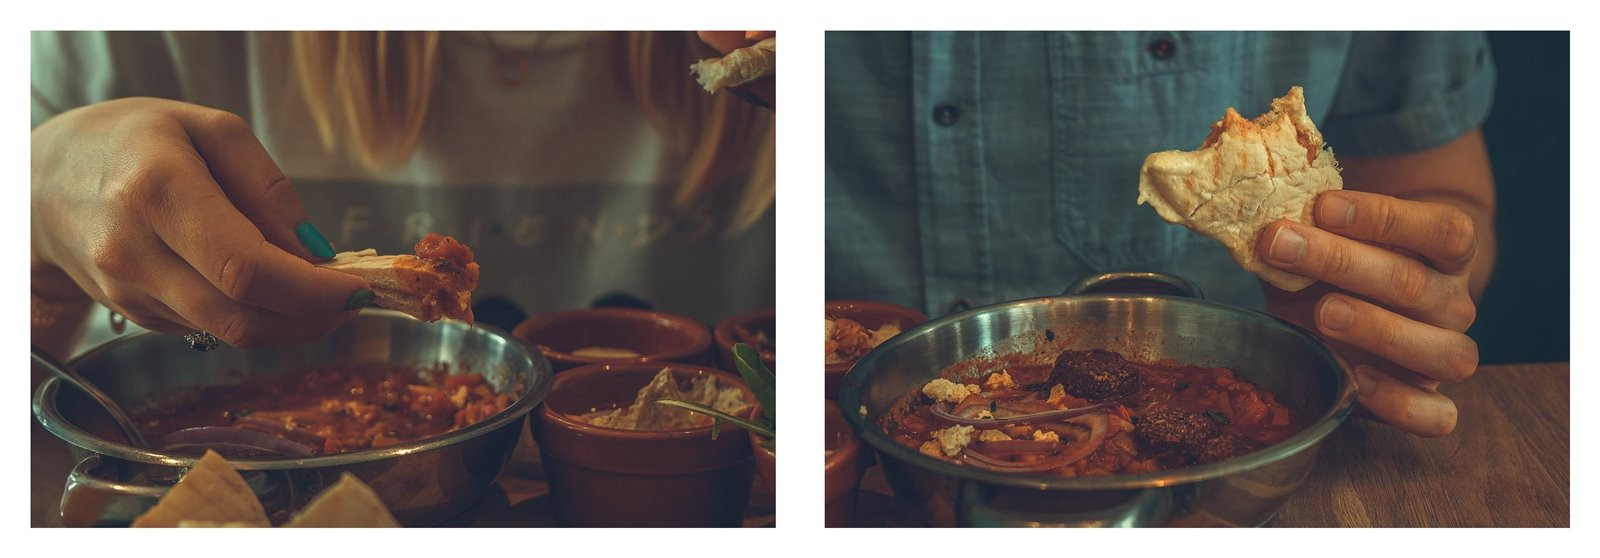 7a telaviv urban foods co zjeść w łodzi śniadania w warszawie bezmięsna kuchnia izraelska smaki izraela gdzie zjeść dobry hummus fallafell